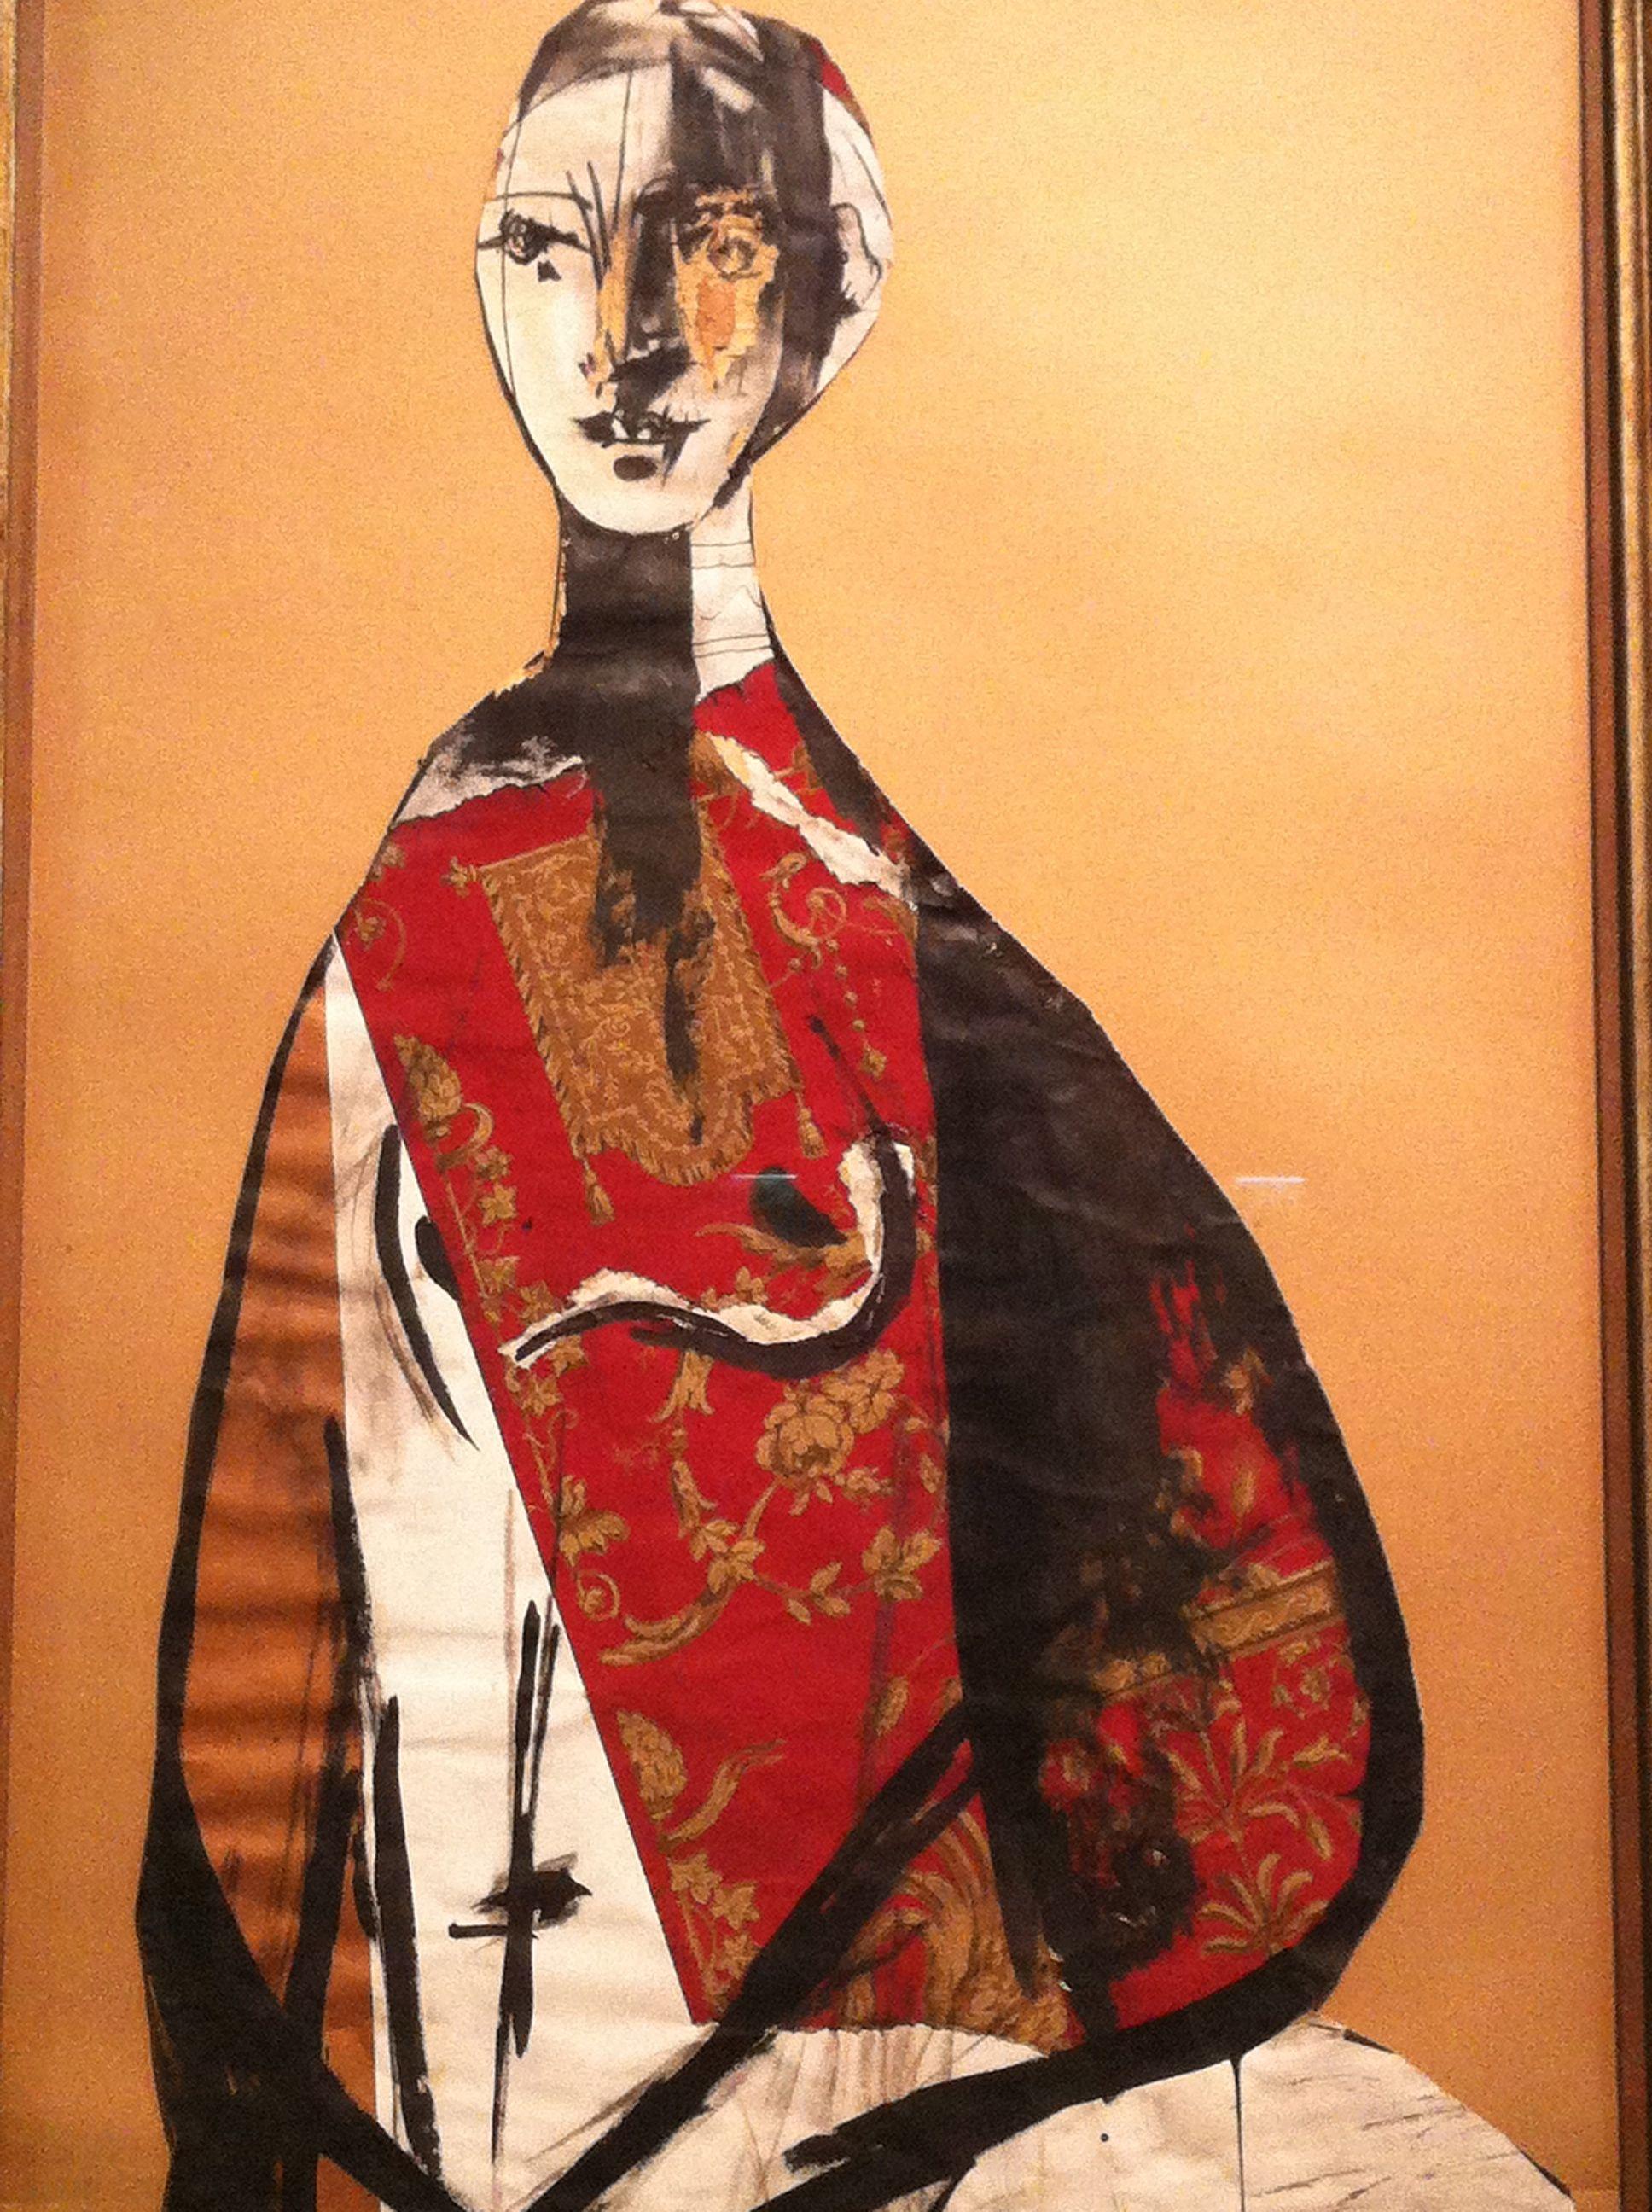 Pablo Picasso, Portrait de femme, 1928, gouache, encre et collage ...